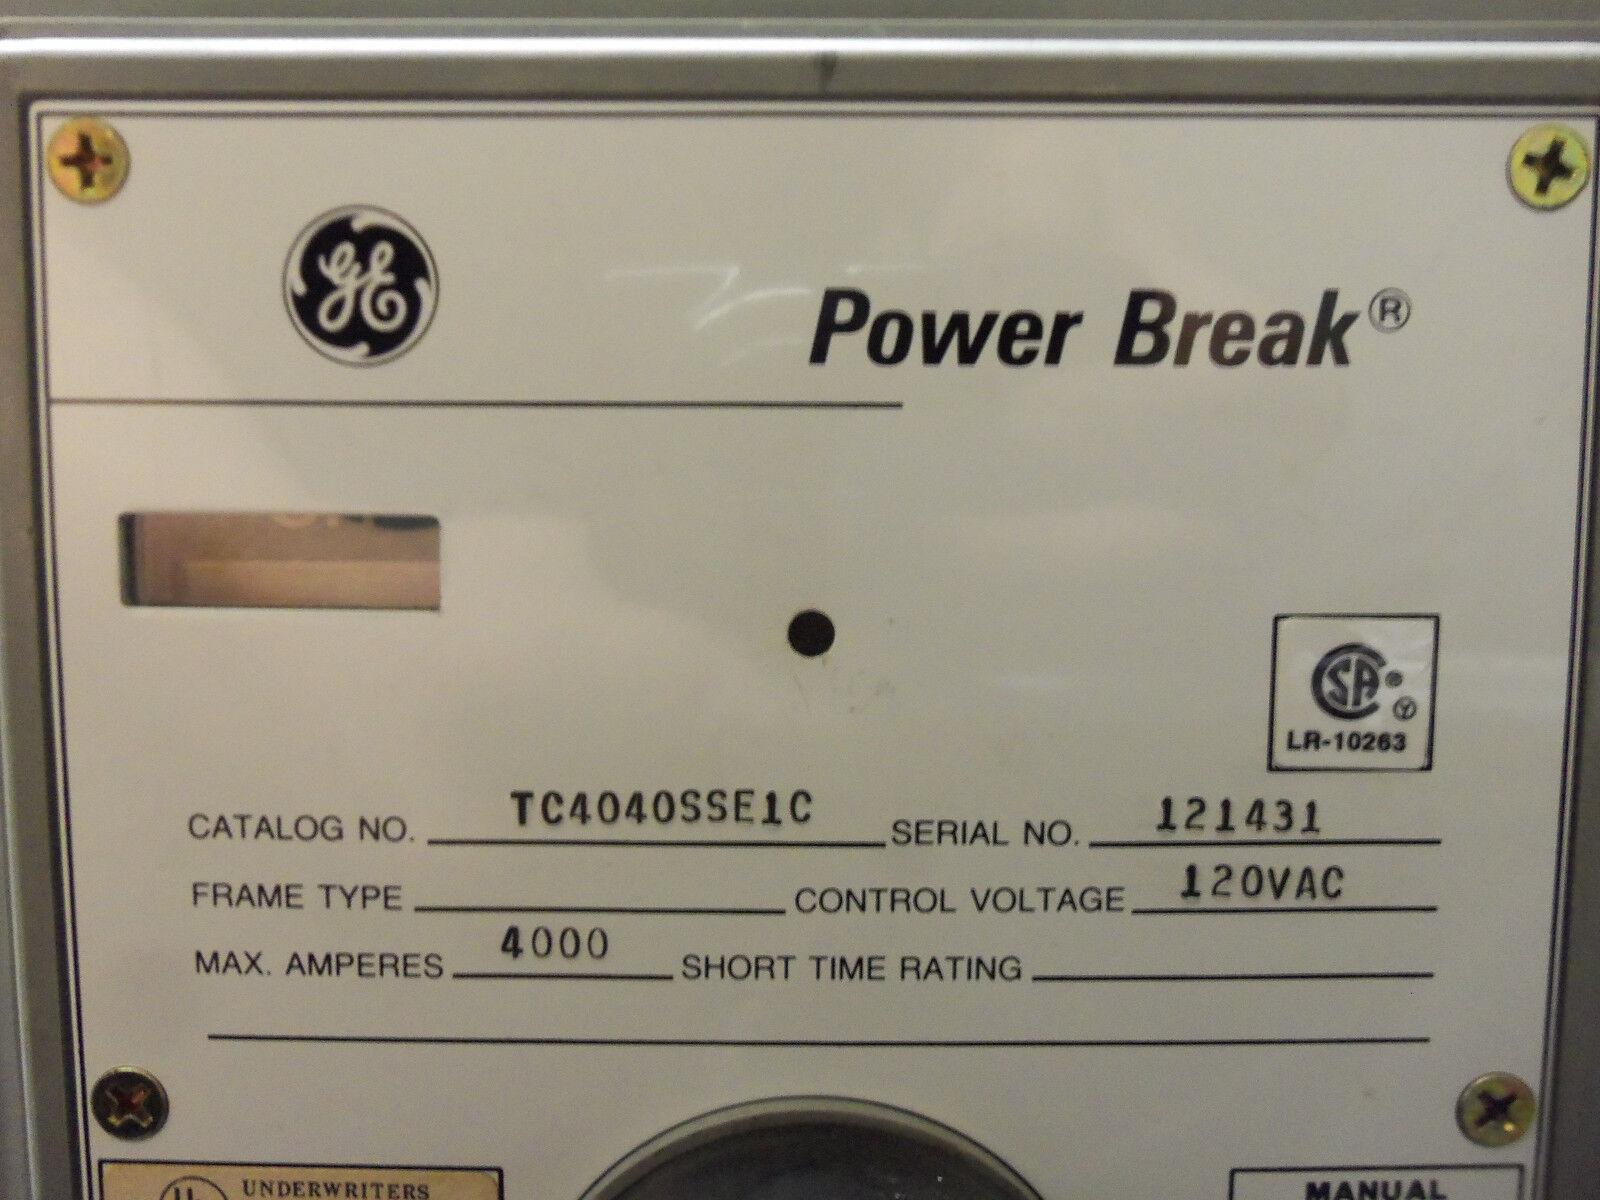 General Electric Ge 4000a Power Break Tc4040sse1c Insulated Case Electrical Thql1115gfp 15amp 1pole Gfci Circuit Breaker Plugin Ebay